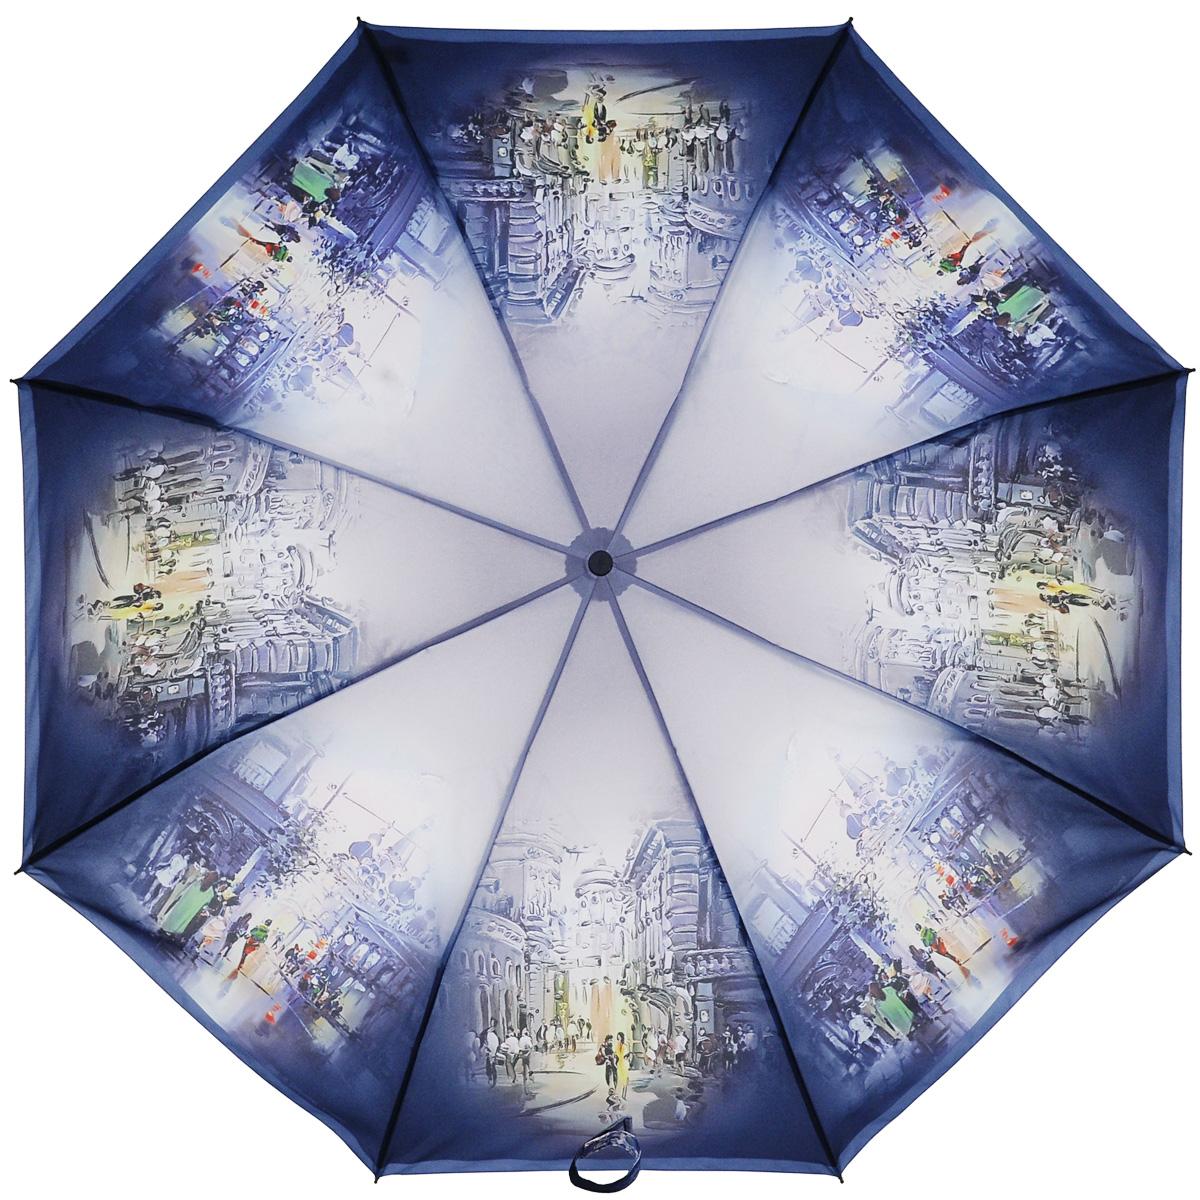 Зонт женский Zest, автомат, 3 сложения. 239455-25239455-25Женский автоматический зонт Zest в 3 сложения даже в ненастную погоду позволит вам оставаться стильной и элегантной. Каркас зонта состоит из 8 спиц из фибергласса и прочного стального стержня. Специальная система Windproof защищает его от поломок во время сильных порывов ветра. Купол зонта выполнен из прочного полиэстера с водоотталкивающей пропиткой и оформлен оригинальным изображением улиц города. Используемые высококачественные красители, а также покрытие Teflon обеспечивают длительное сохранение свойств ткани купола. Рукоятка, разработанная с учетом требований эргономики, выполнена из приятного на ощупь прорезиненного пластика темно-синего цвета. Зонт имеет полный автоматический механизм сложения: купол открывается и закрывается нажатием кнопки на рукоятке, стержень складывается вручную до характерного щелчка, благодаря чему открыть и закрыть зонт можно одной рукой, что чрезвычайно удобно при входе в транспорт или помещение. На рукоятке для удобства есть...